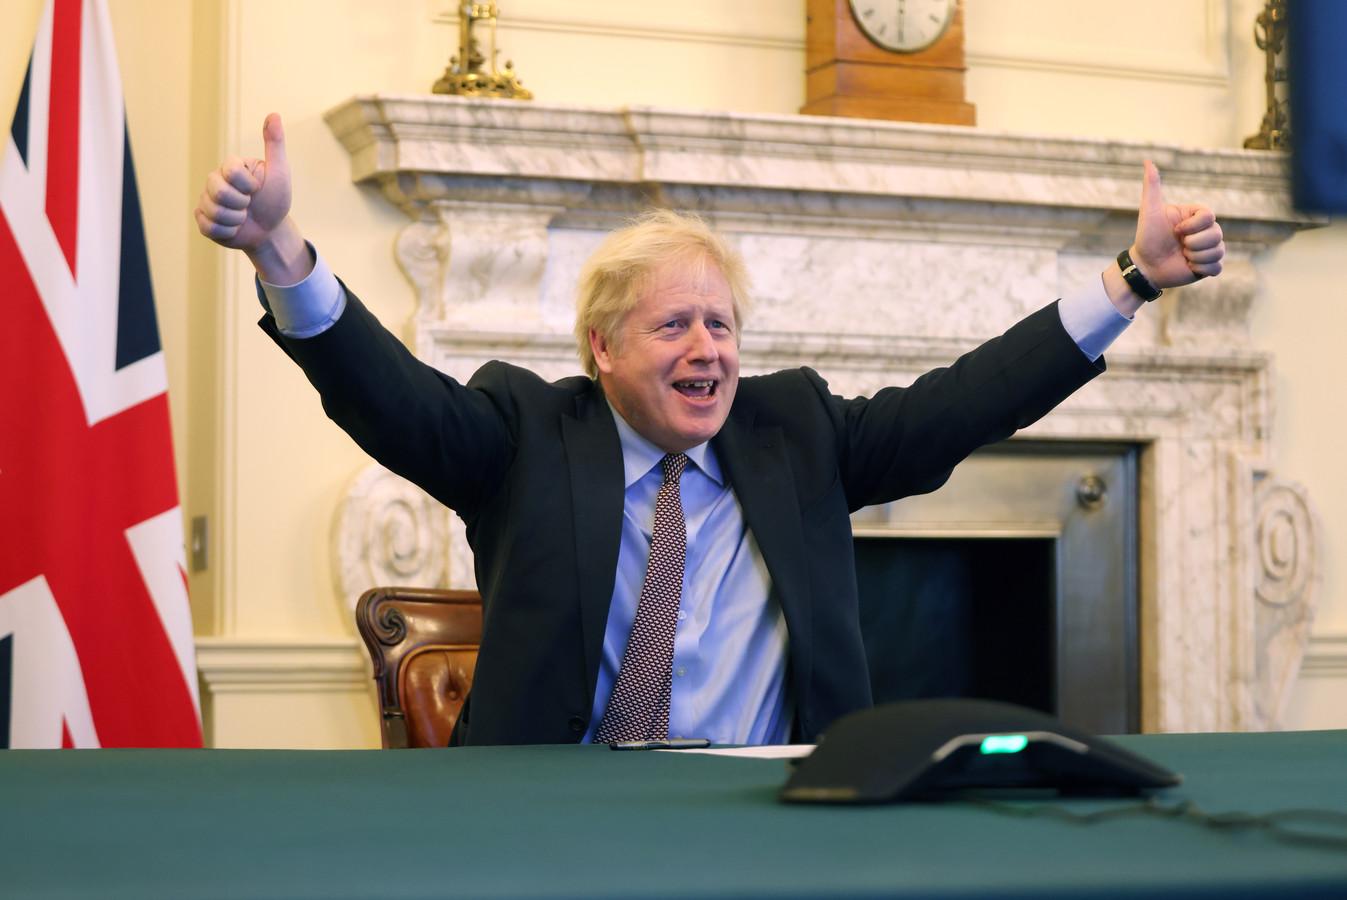 De Britse premier Boris Johnson tijdens een videoverbinding met de president van de Europese Commissie Ursula von der Leyen op donderdag.